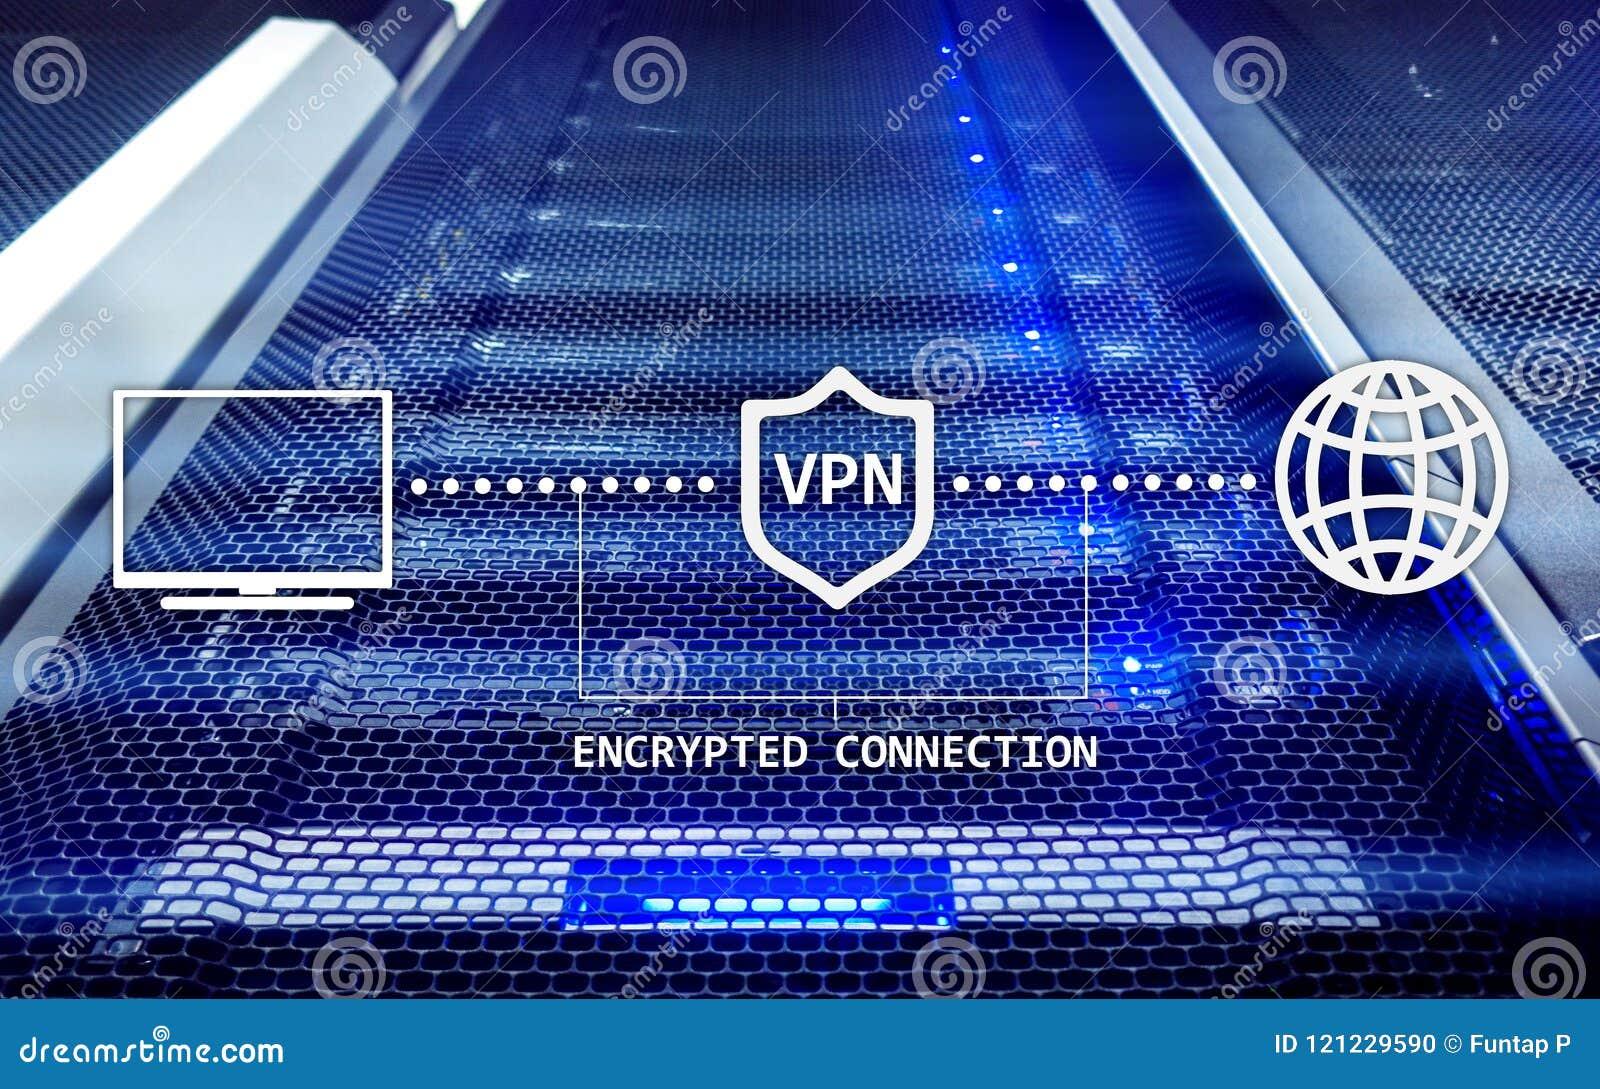 Ιδεατό ιδιωτικό δίκτυο, VPN, κρυπτογράφηση στοιχείων, υποκατάστατο IP